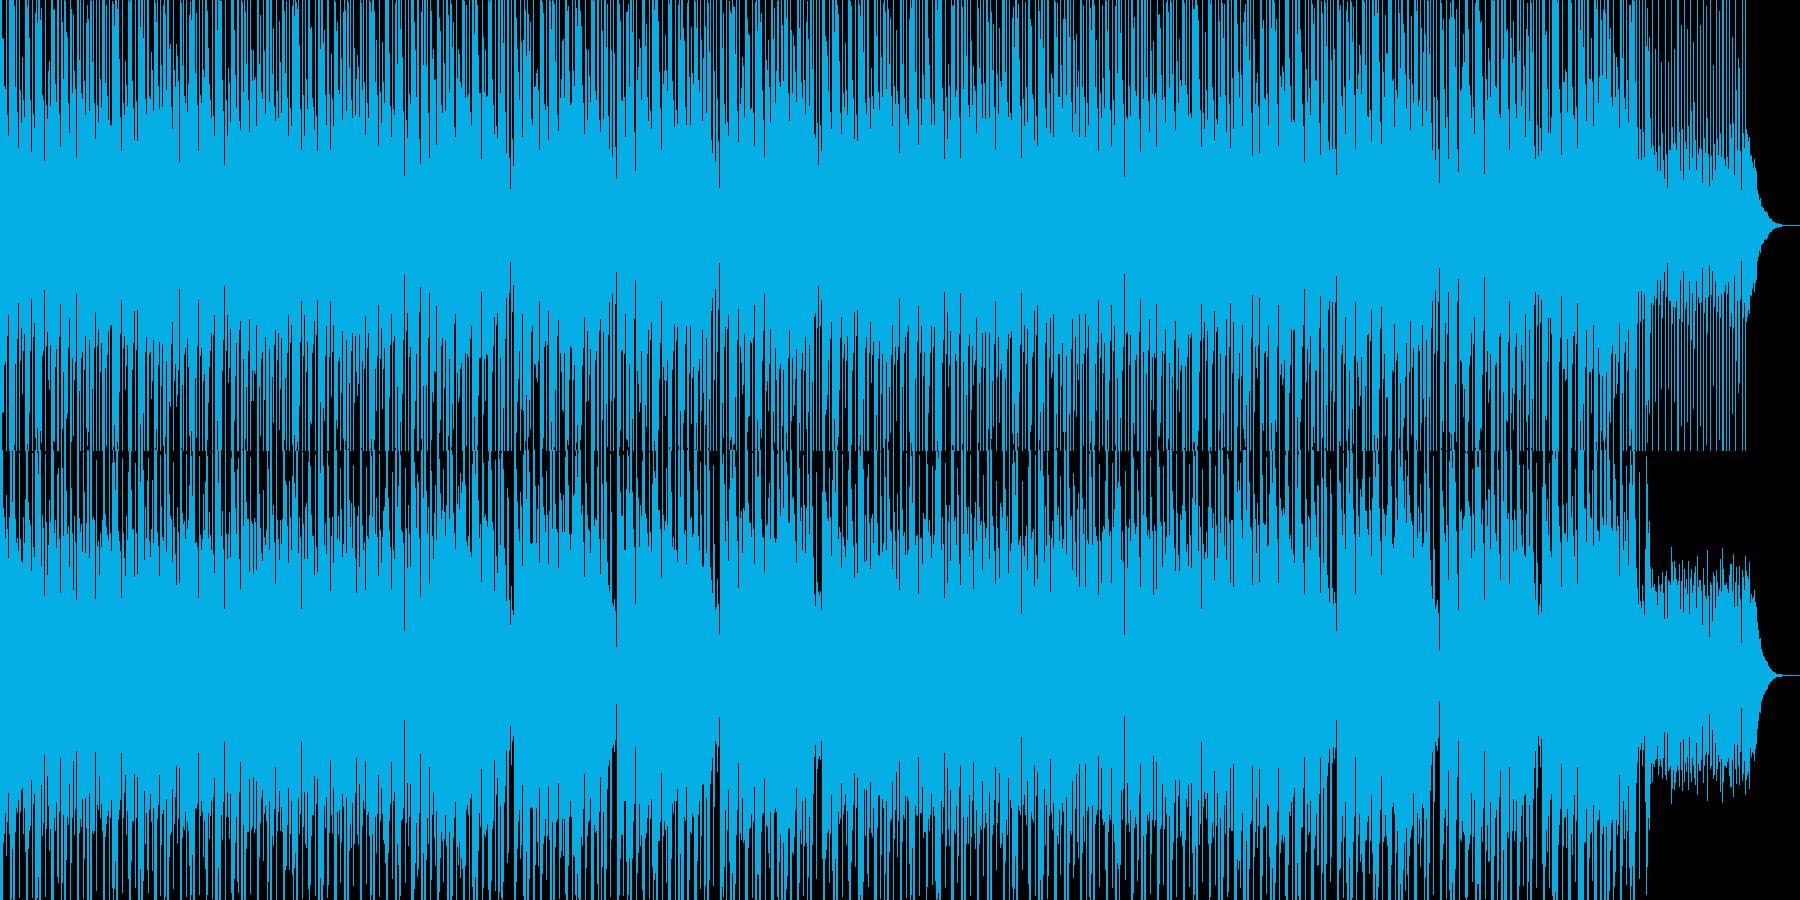 かわいい、ゆるい、コミカル-09の再生済みの波形